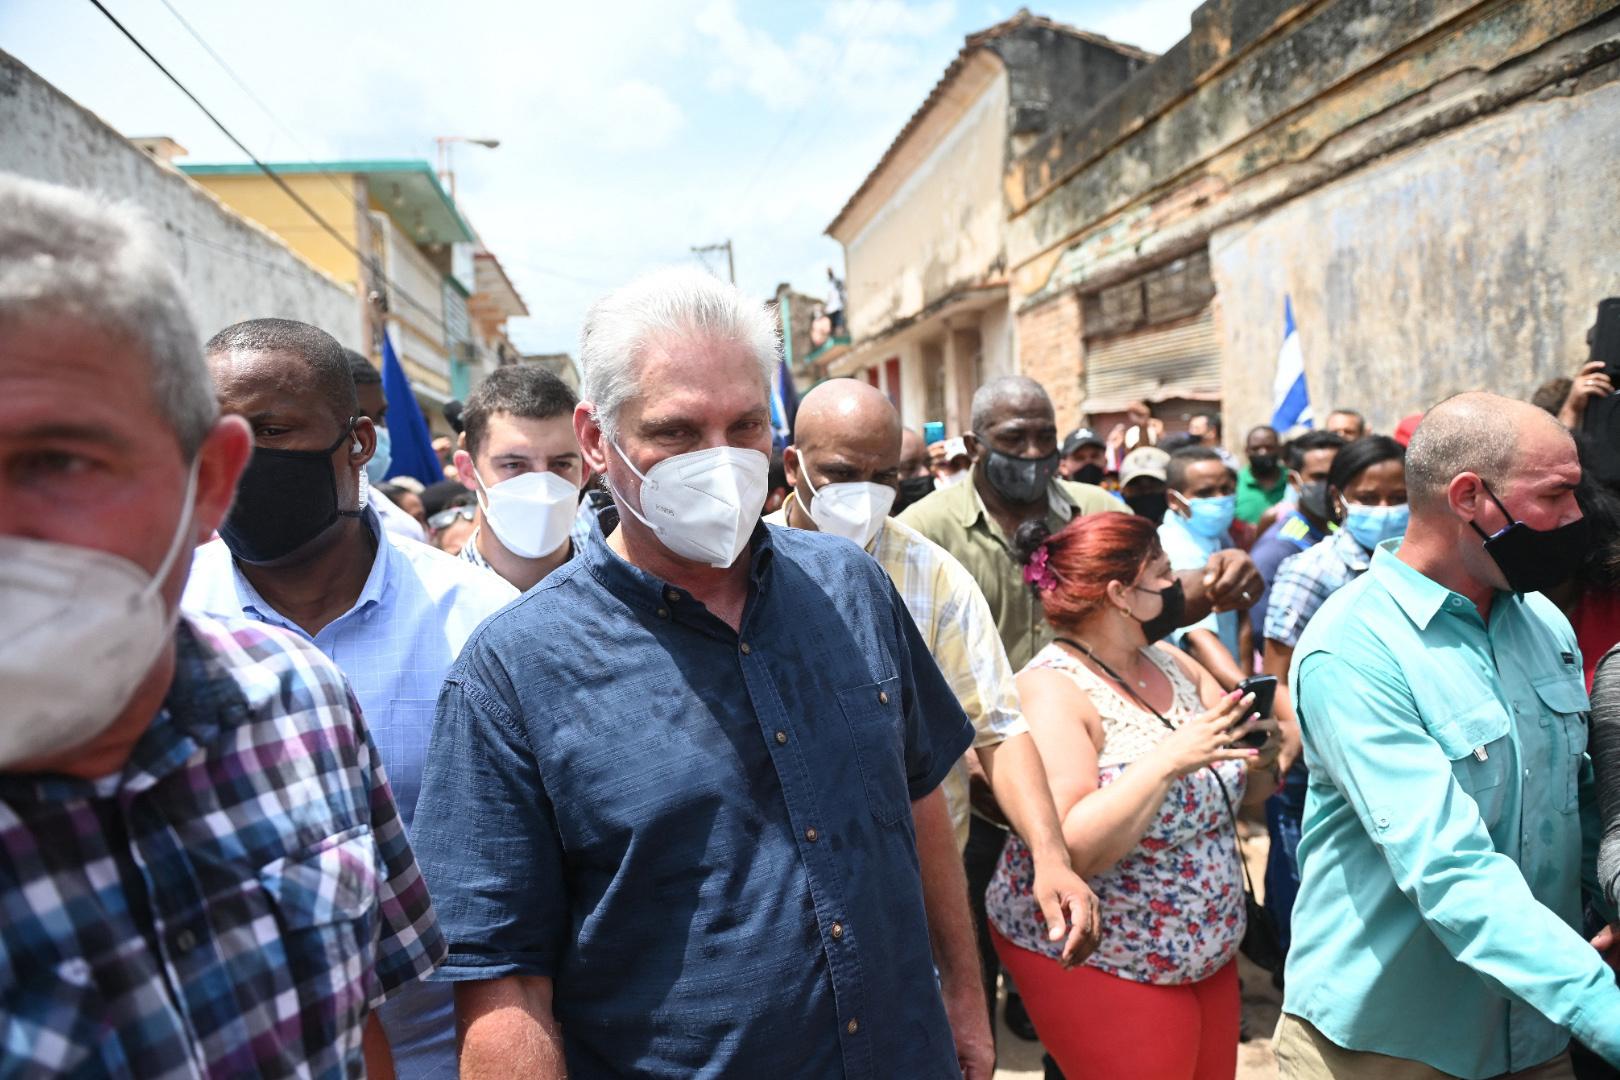 Le président cubain Miguel Diaz-Canel, BELGA IMAGE